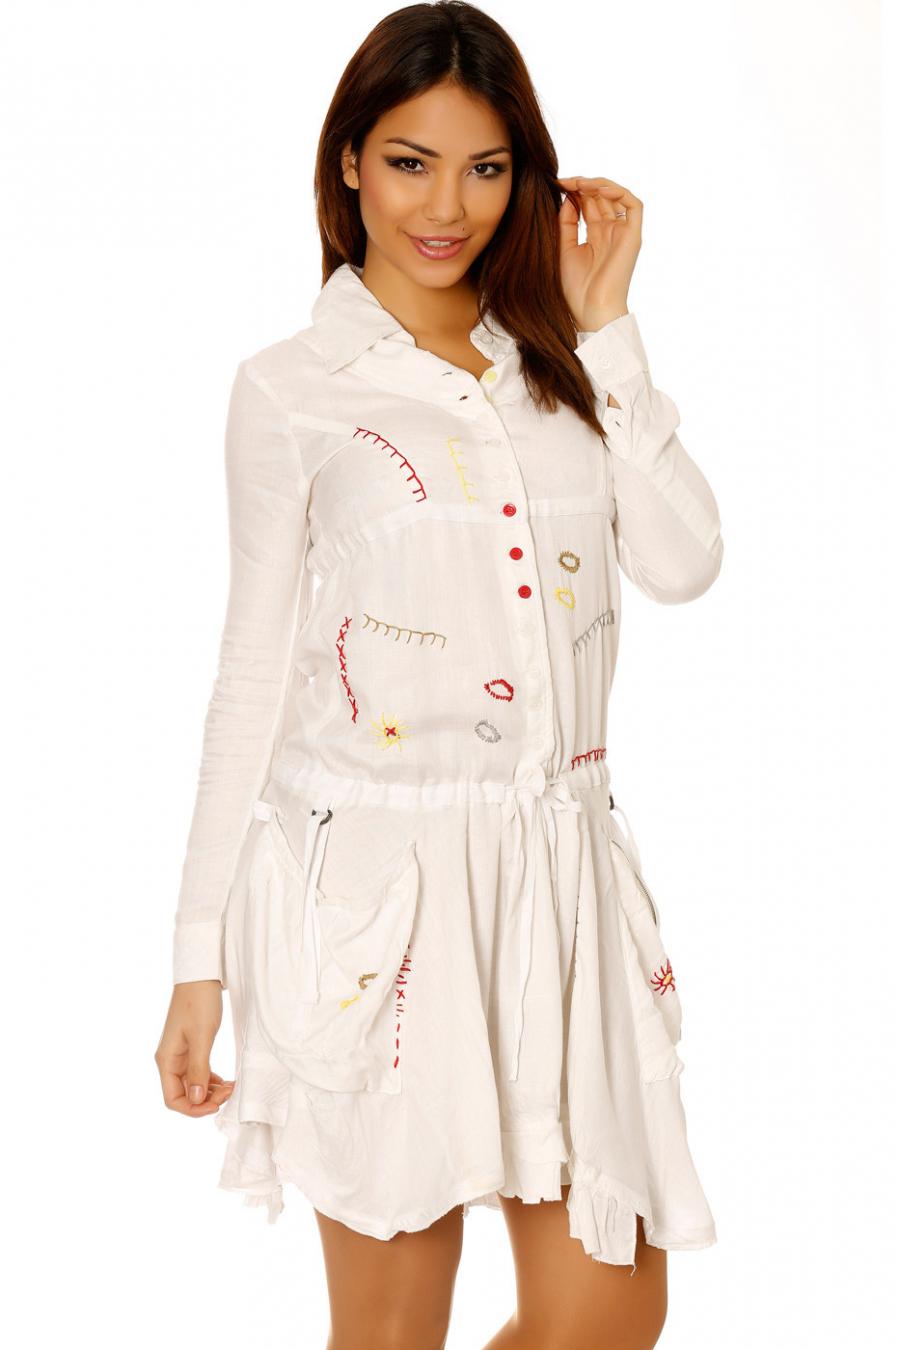 Robe tunique beige boutonné avec broderie. Vêtement femme petit prix 921